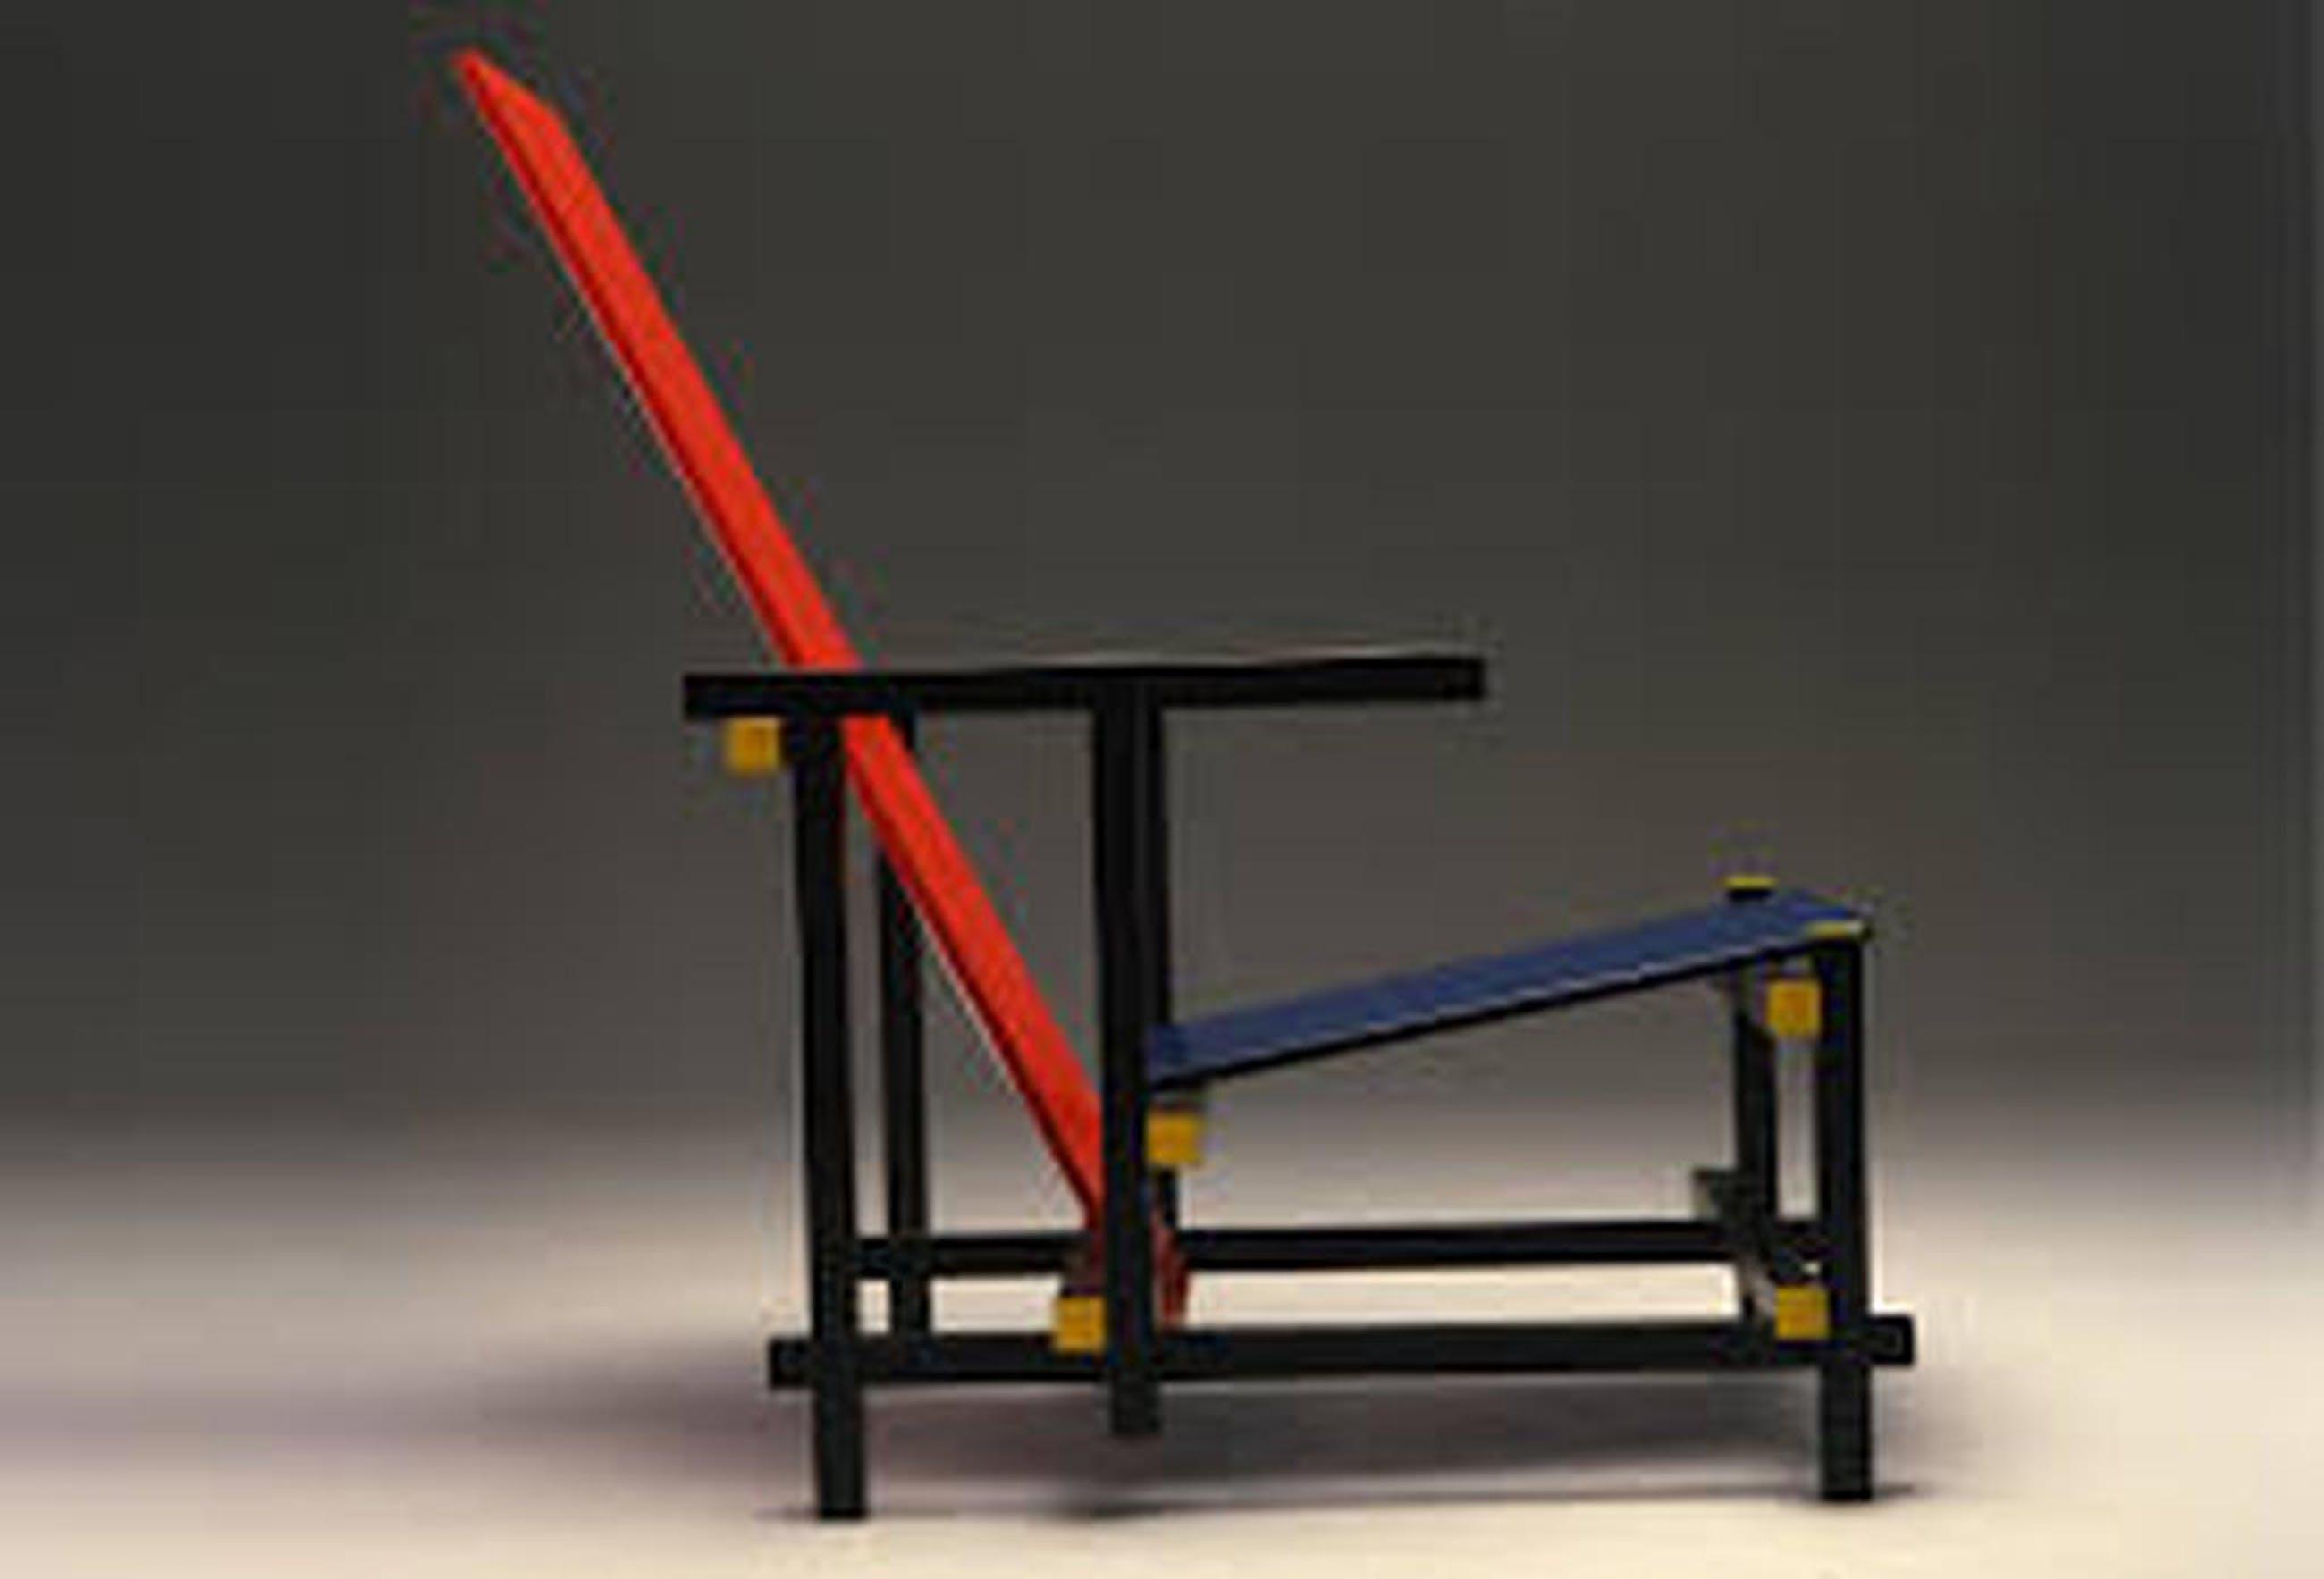 Stoel Gerrit Rietveld : Gerrit rietveld exacte replica van de rood blauwe stoel verkocht